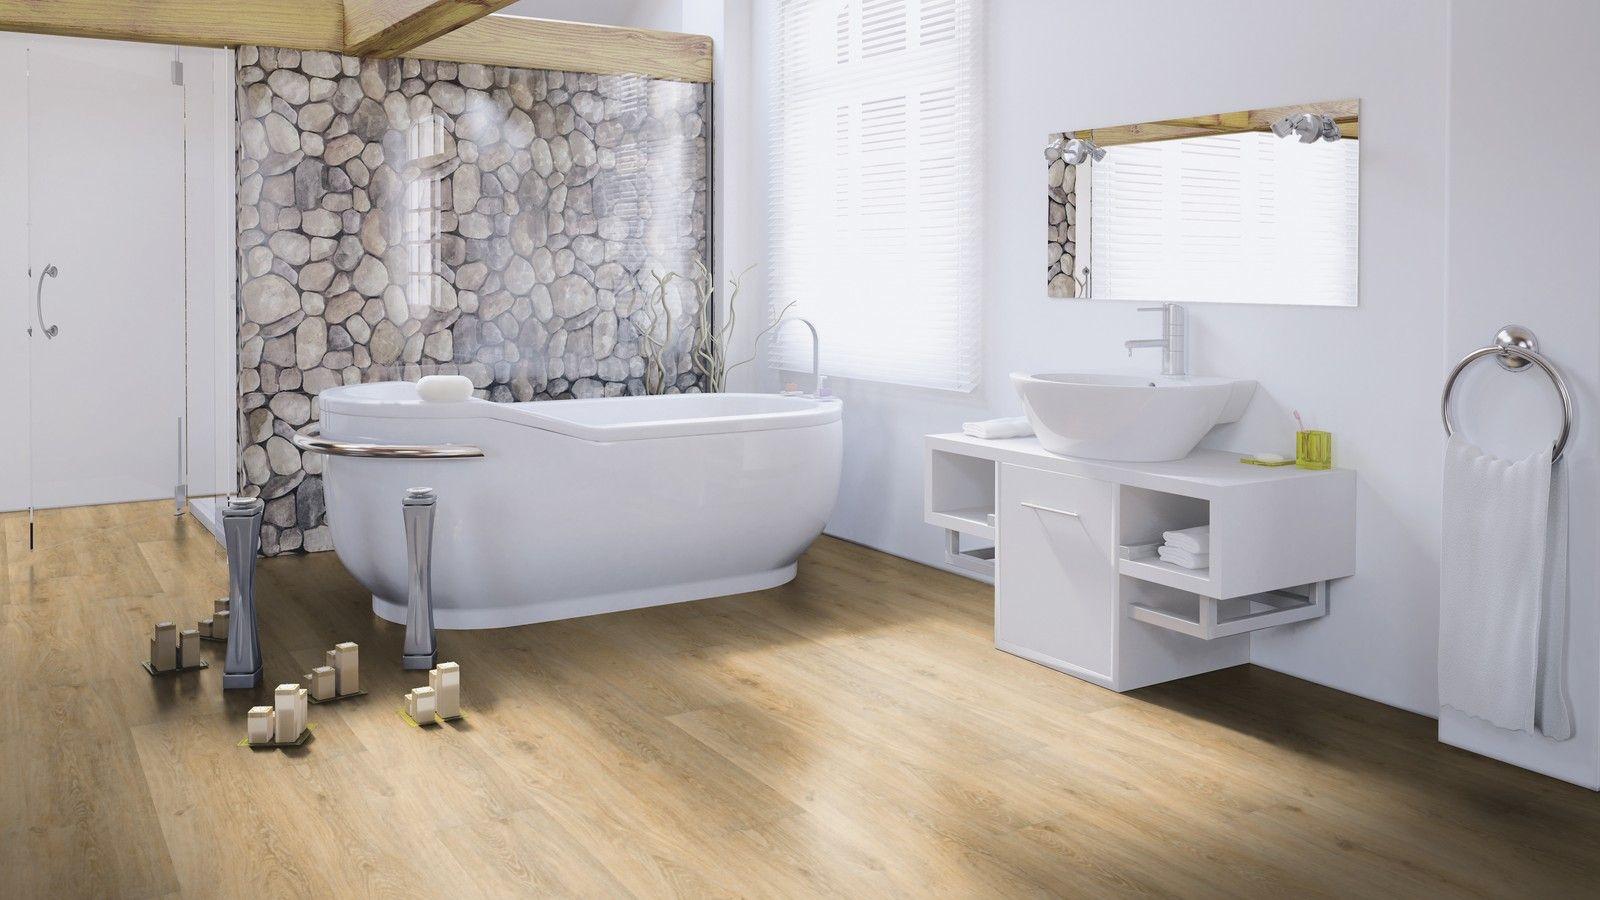 vinylboden badezimmer internetseite abbild oder cffbcfbdcfa